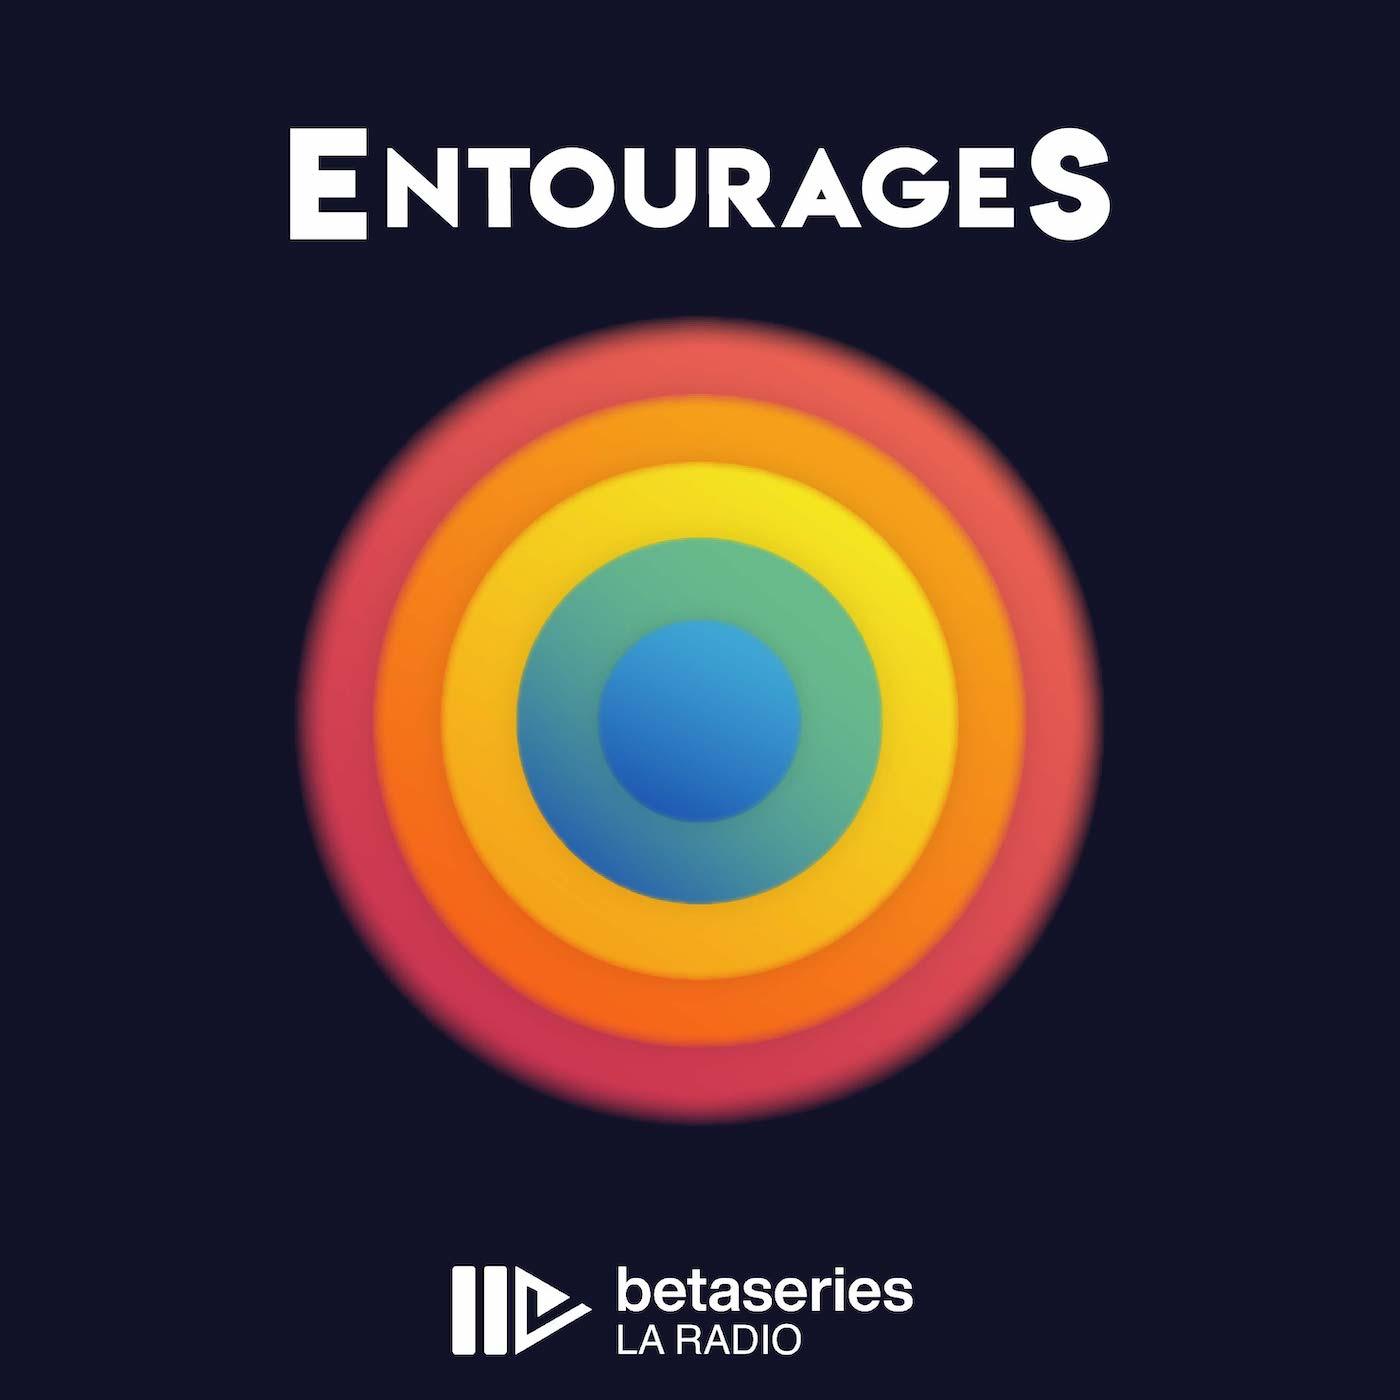 EntourageS